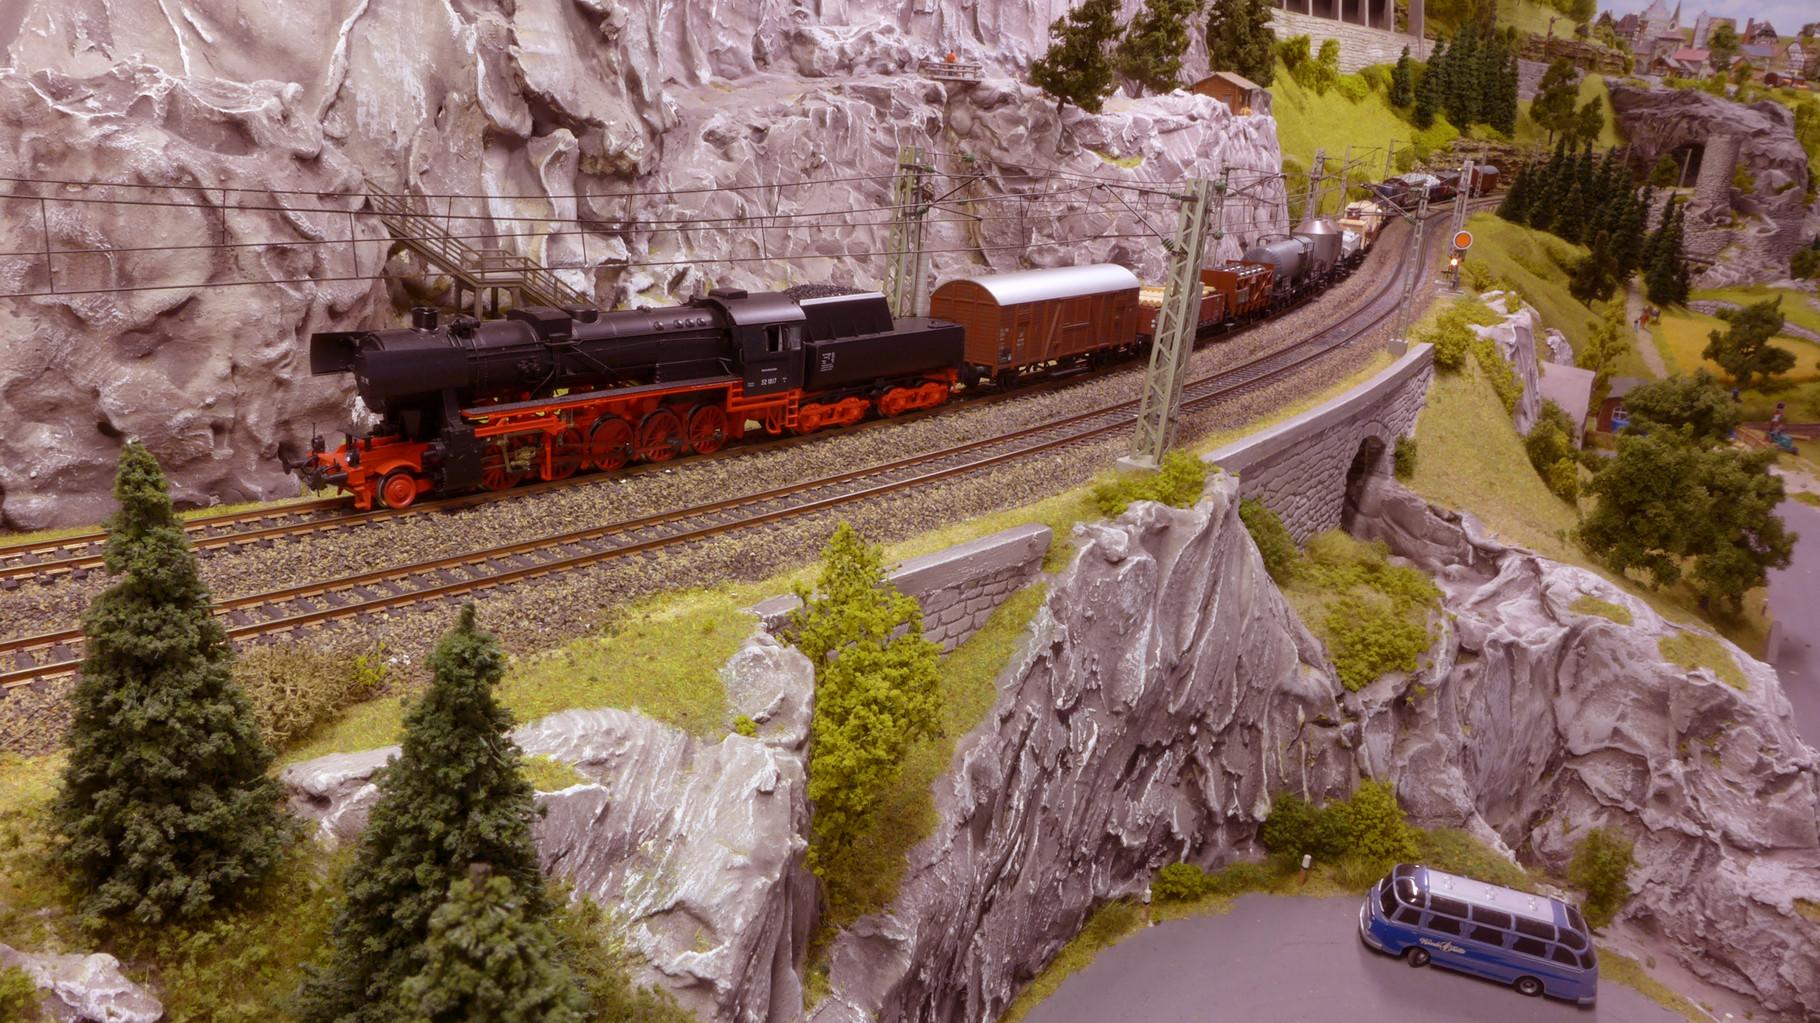 BR 52 von Roco auf dem Wege von Westheim nach Baden-Baden